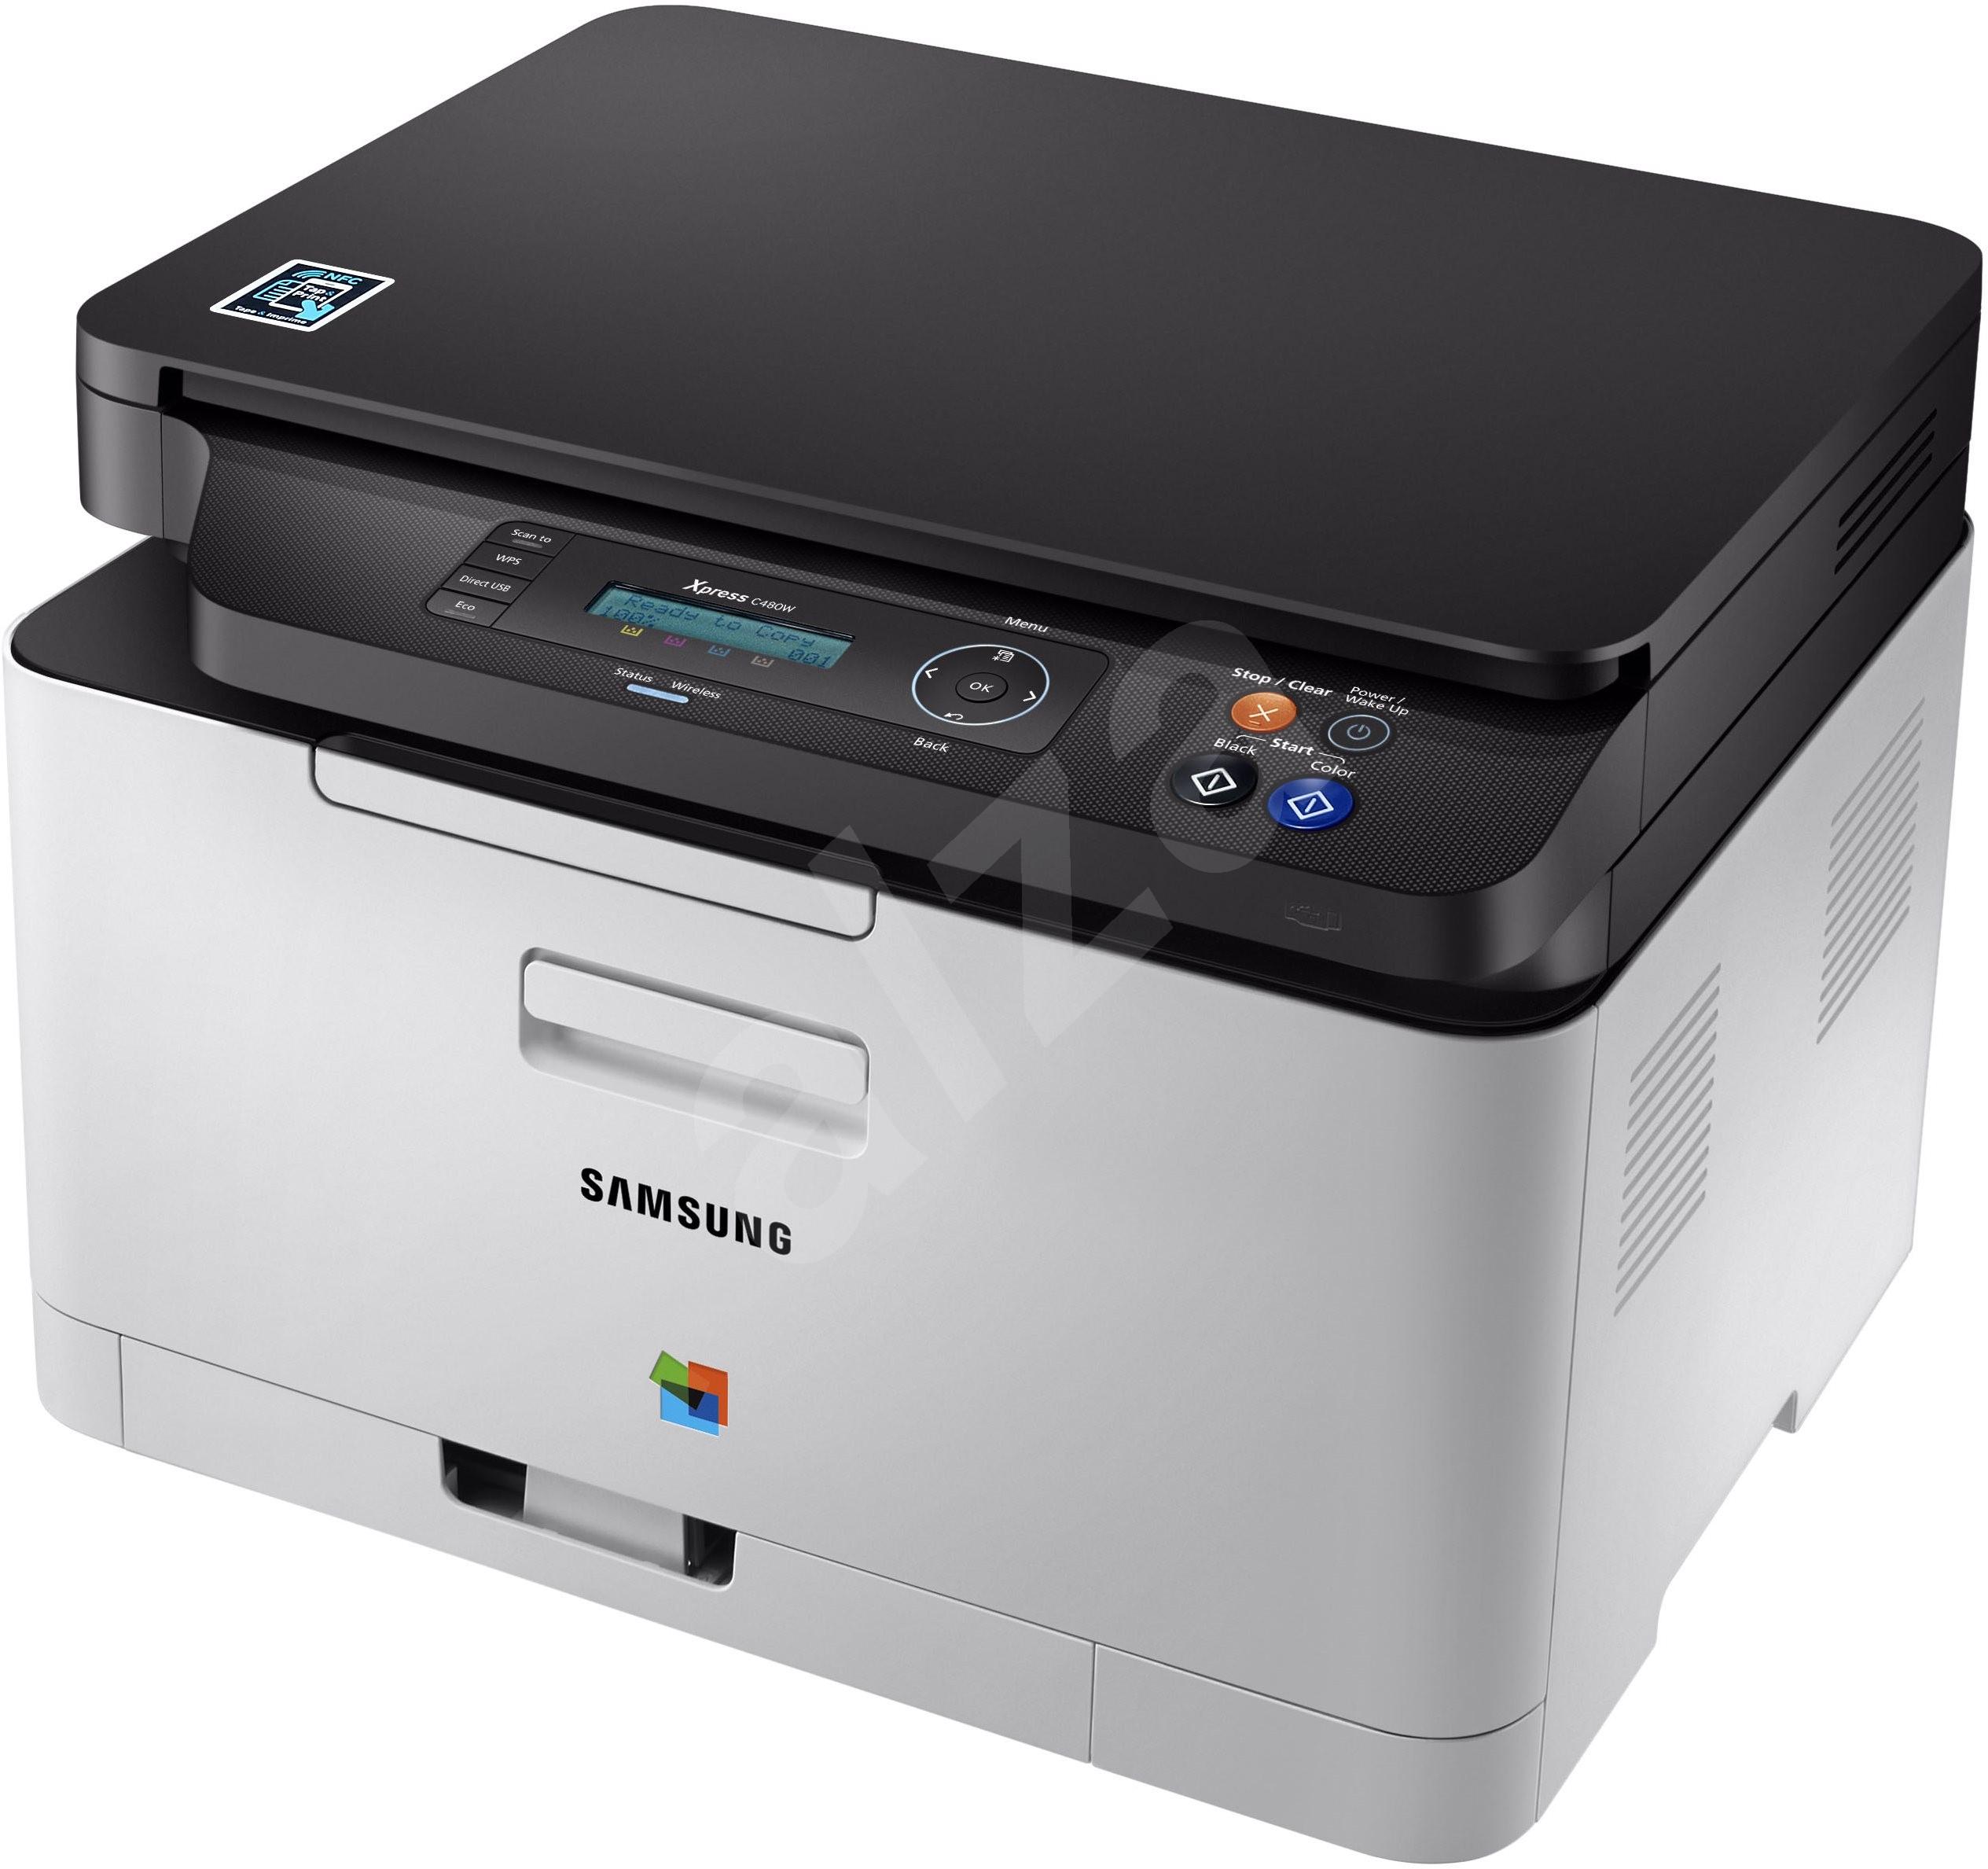 samsung sl c480w laser printer. Black Bedroom Furniture Sets. Home Design Ideas